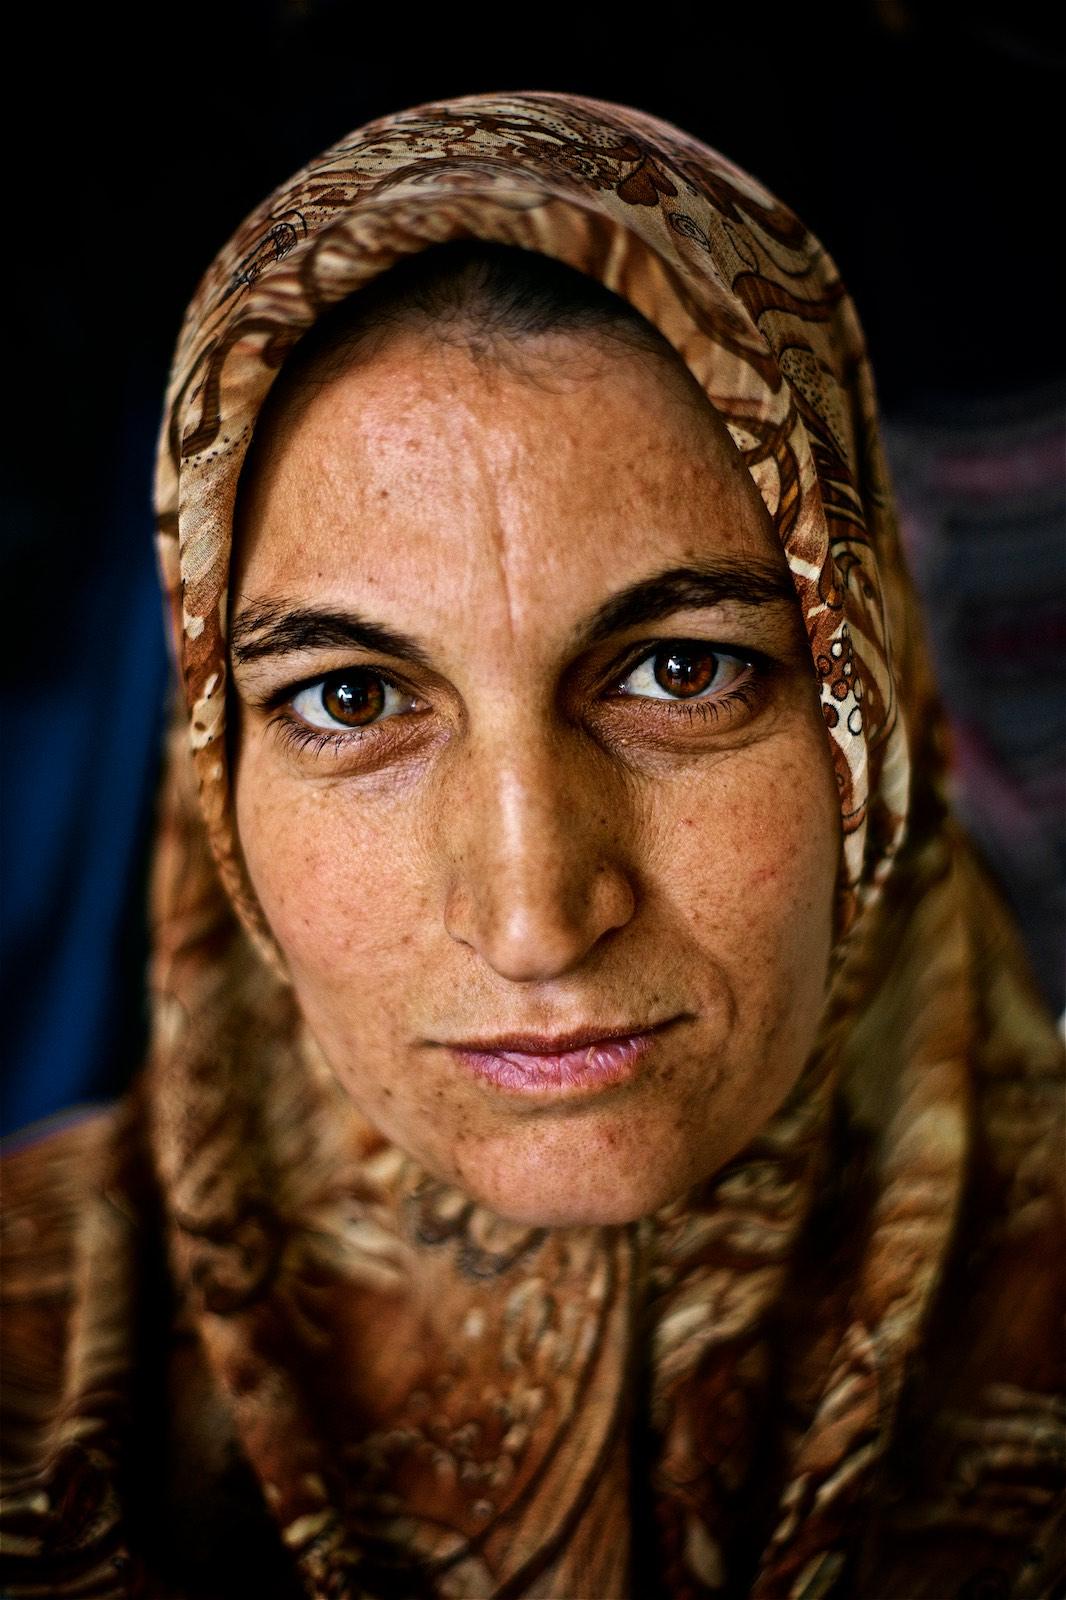 Shayma je mladá, má len niečo cez tridsať, ale tri roky v tábore na jej tvári zanechali hlboké stopy. (photo: Denis Bosnic)